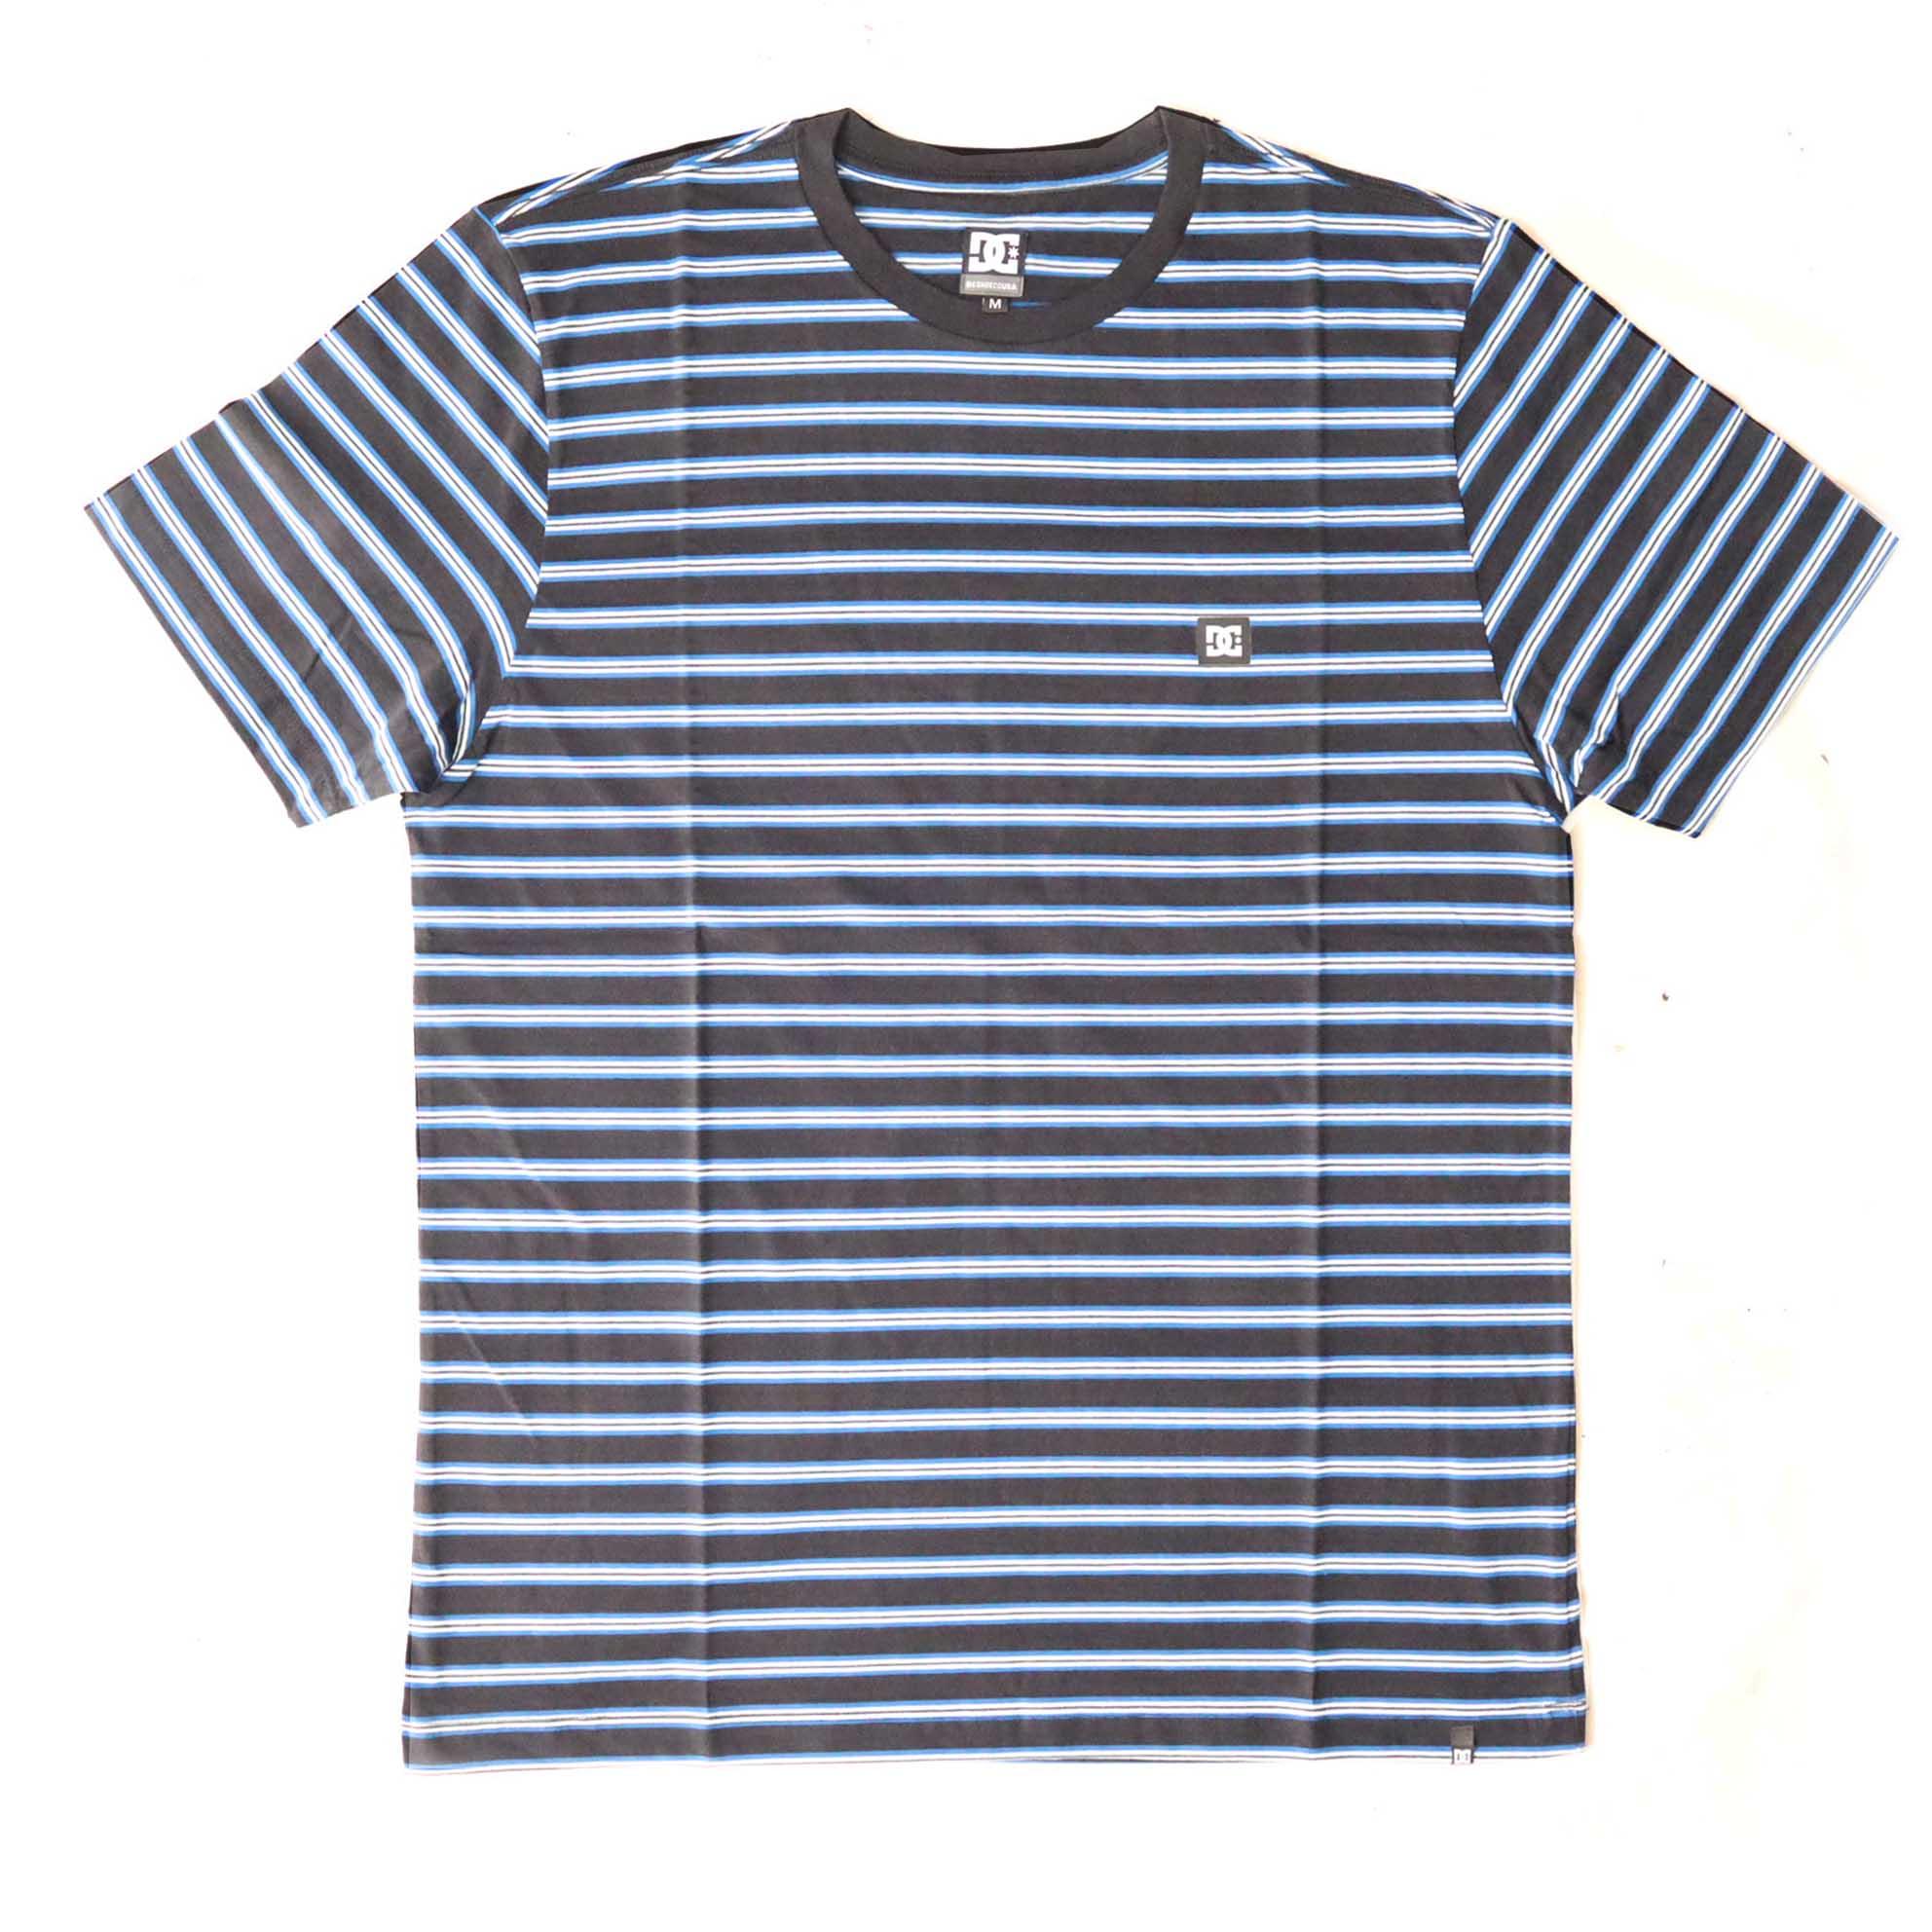 Camiseta DC Shoes Interwine - Azul Marinho